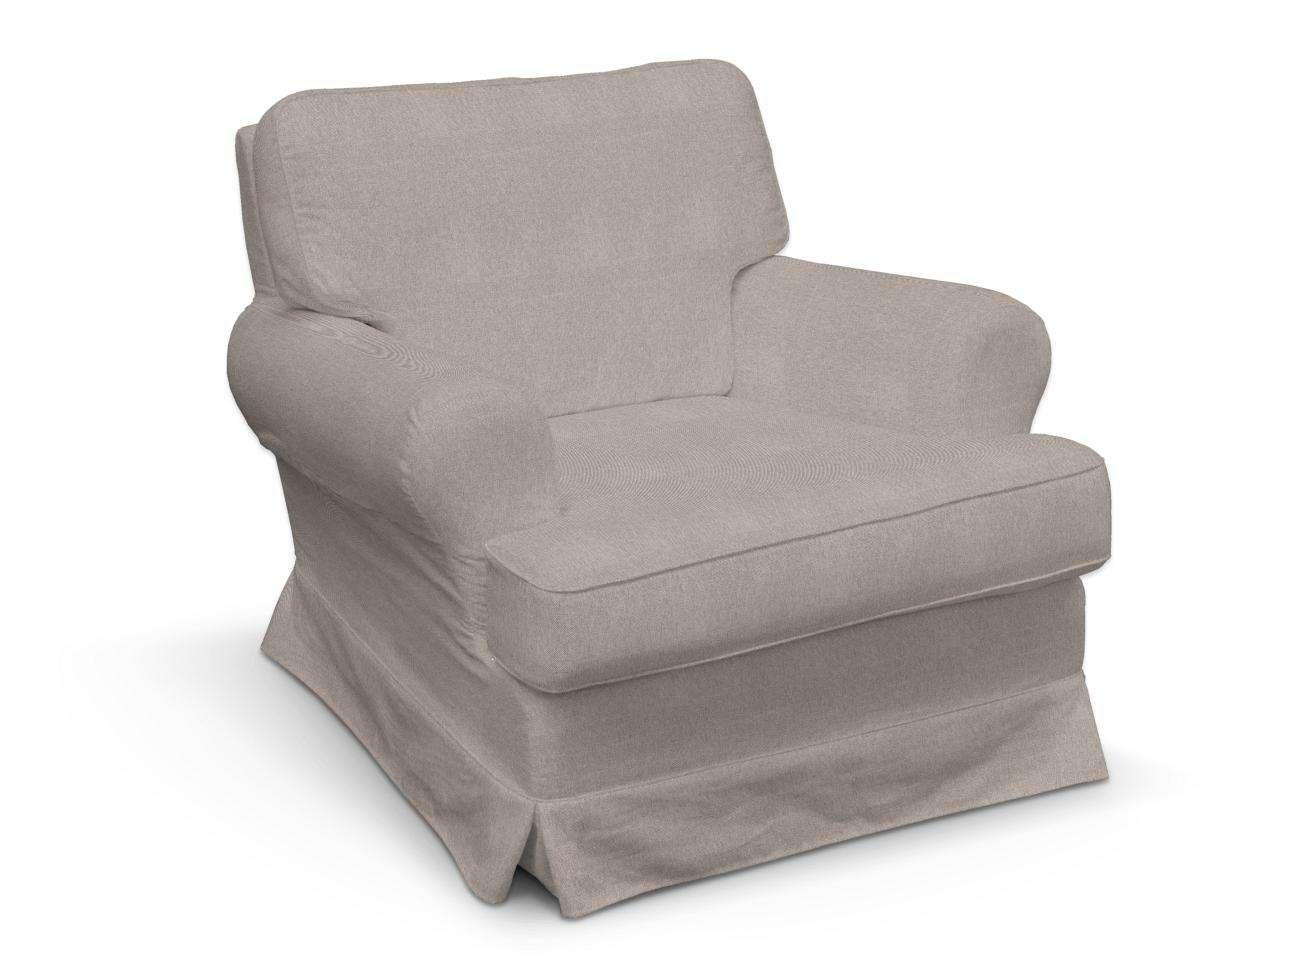 Pokrowiec na fotel Barkaby fotel Barkaby w kolekcji Etna , tkanina: 705-09